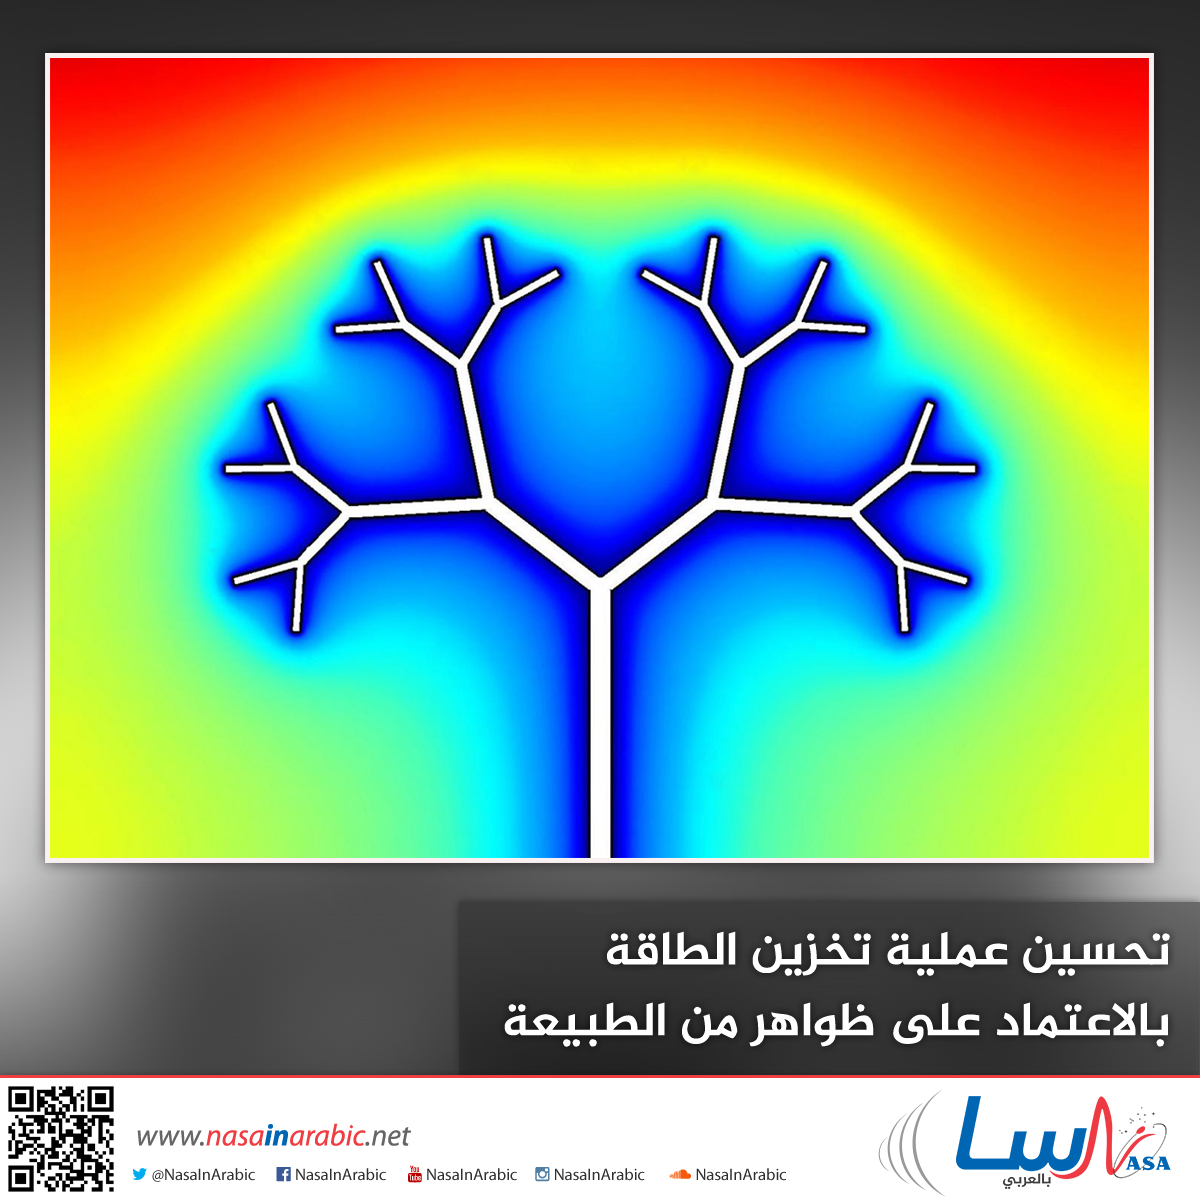 تحسين عملية تخزين الطاقة بالاعتماد على ظواهر من الطبيعة